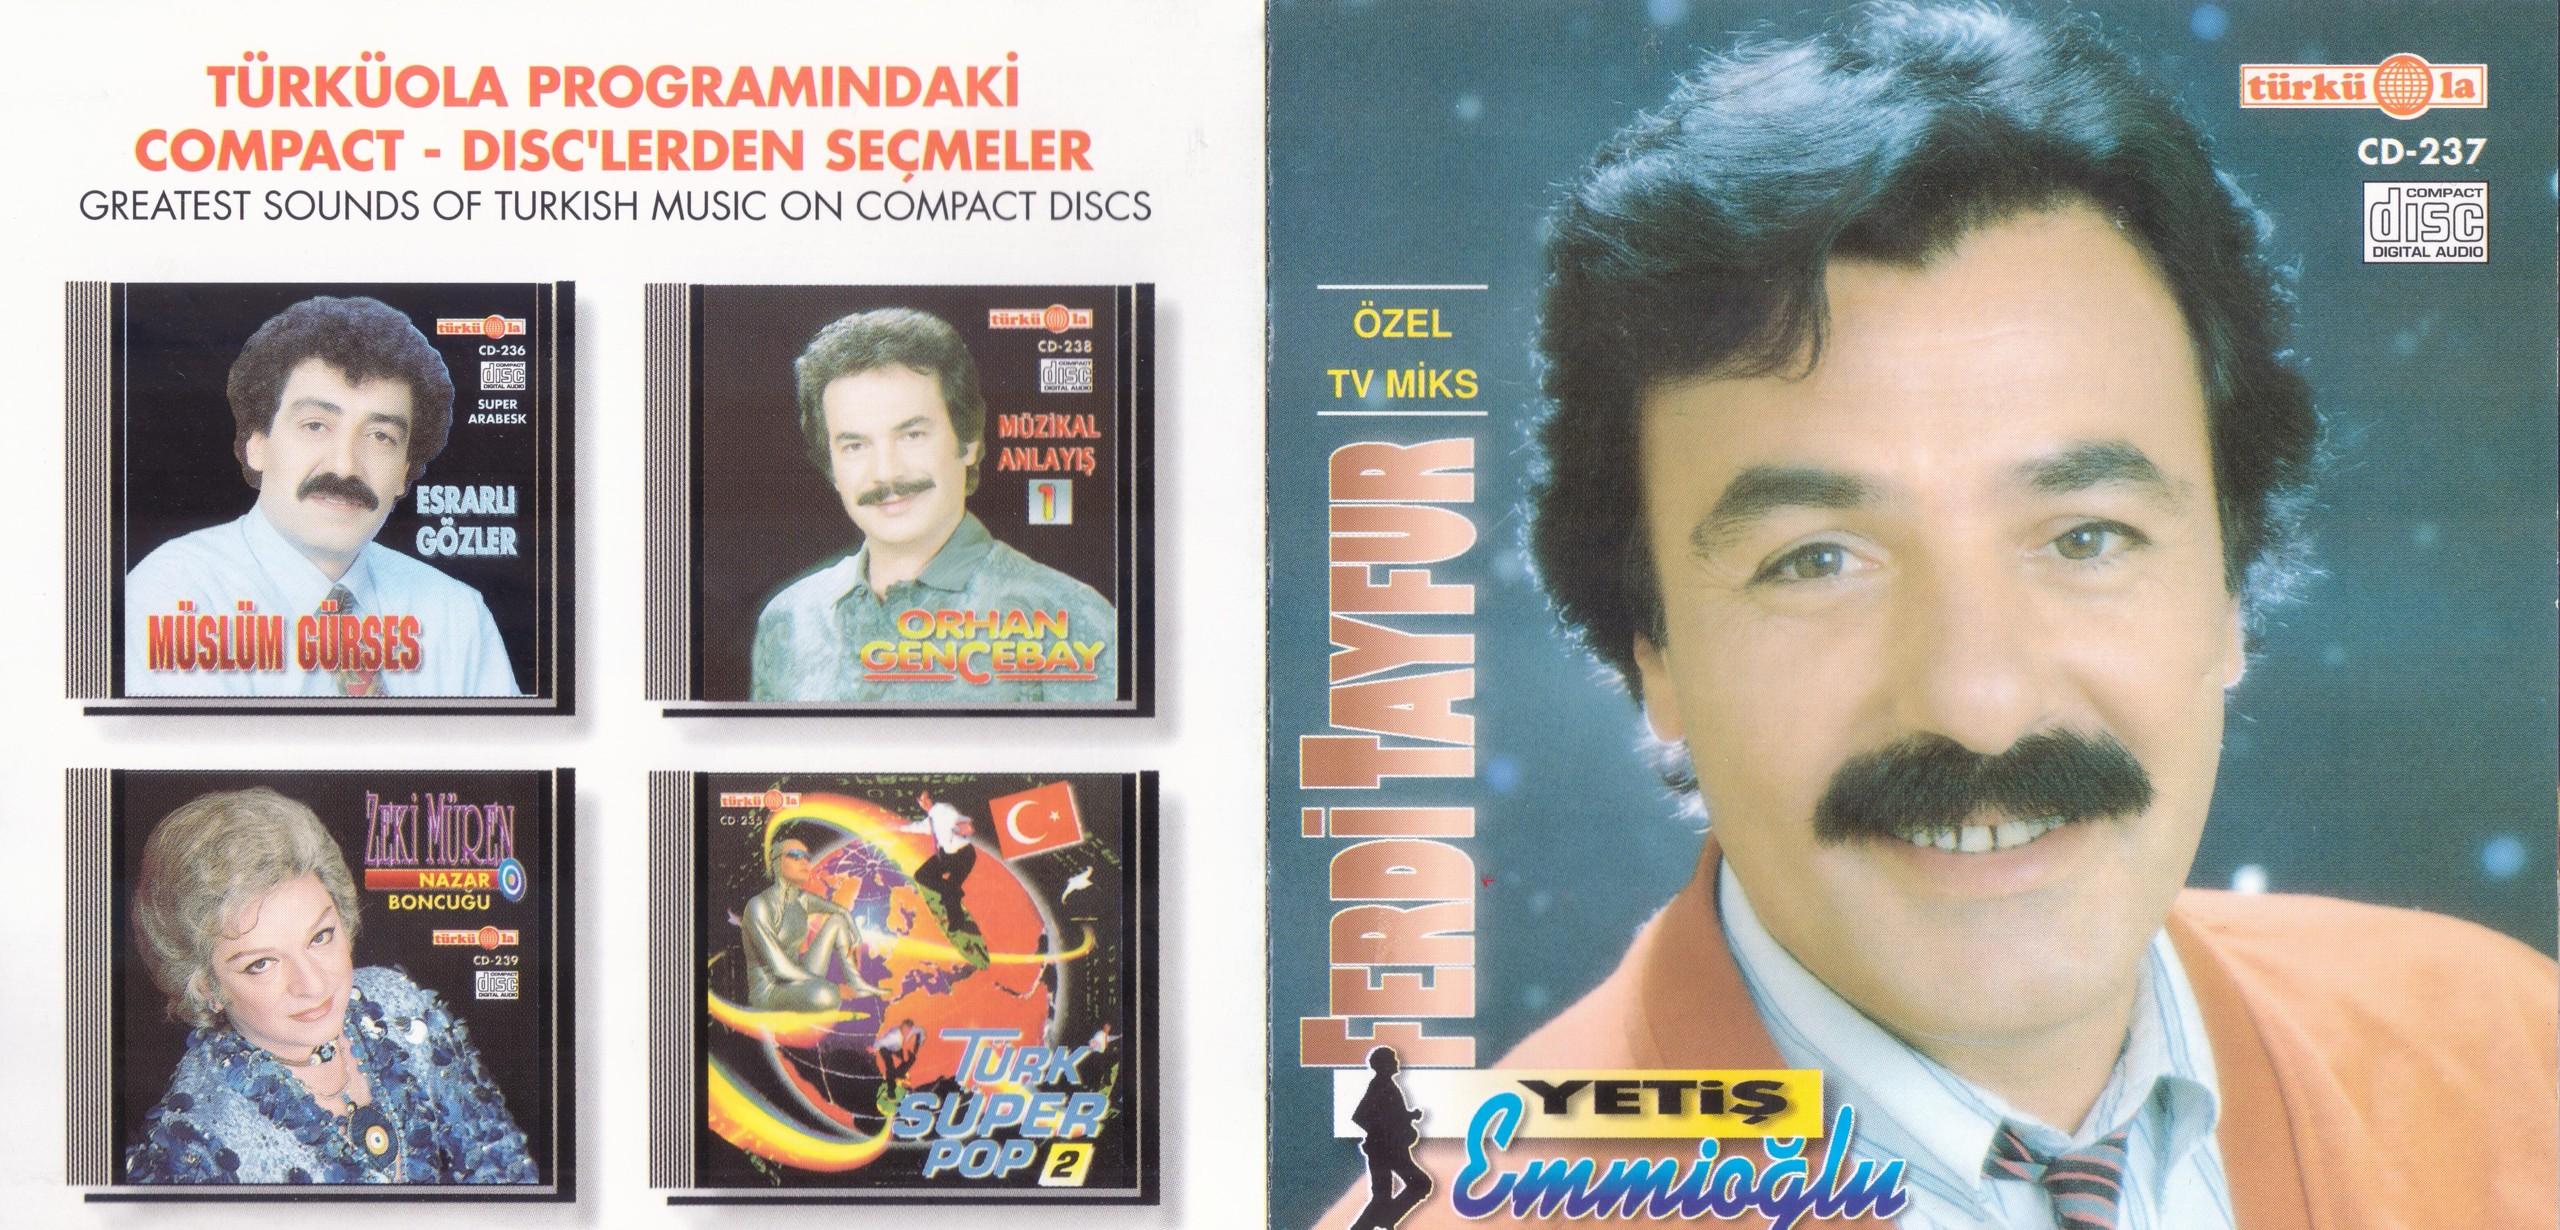 Ferdi Tayfur - Yetiş Emmoğlu (1992) - 320 Kbps & Cover - VarBiraZ!NeT